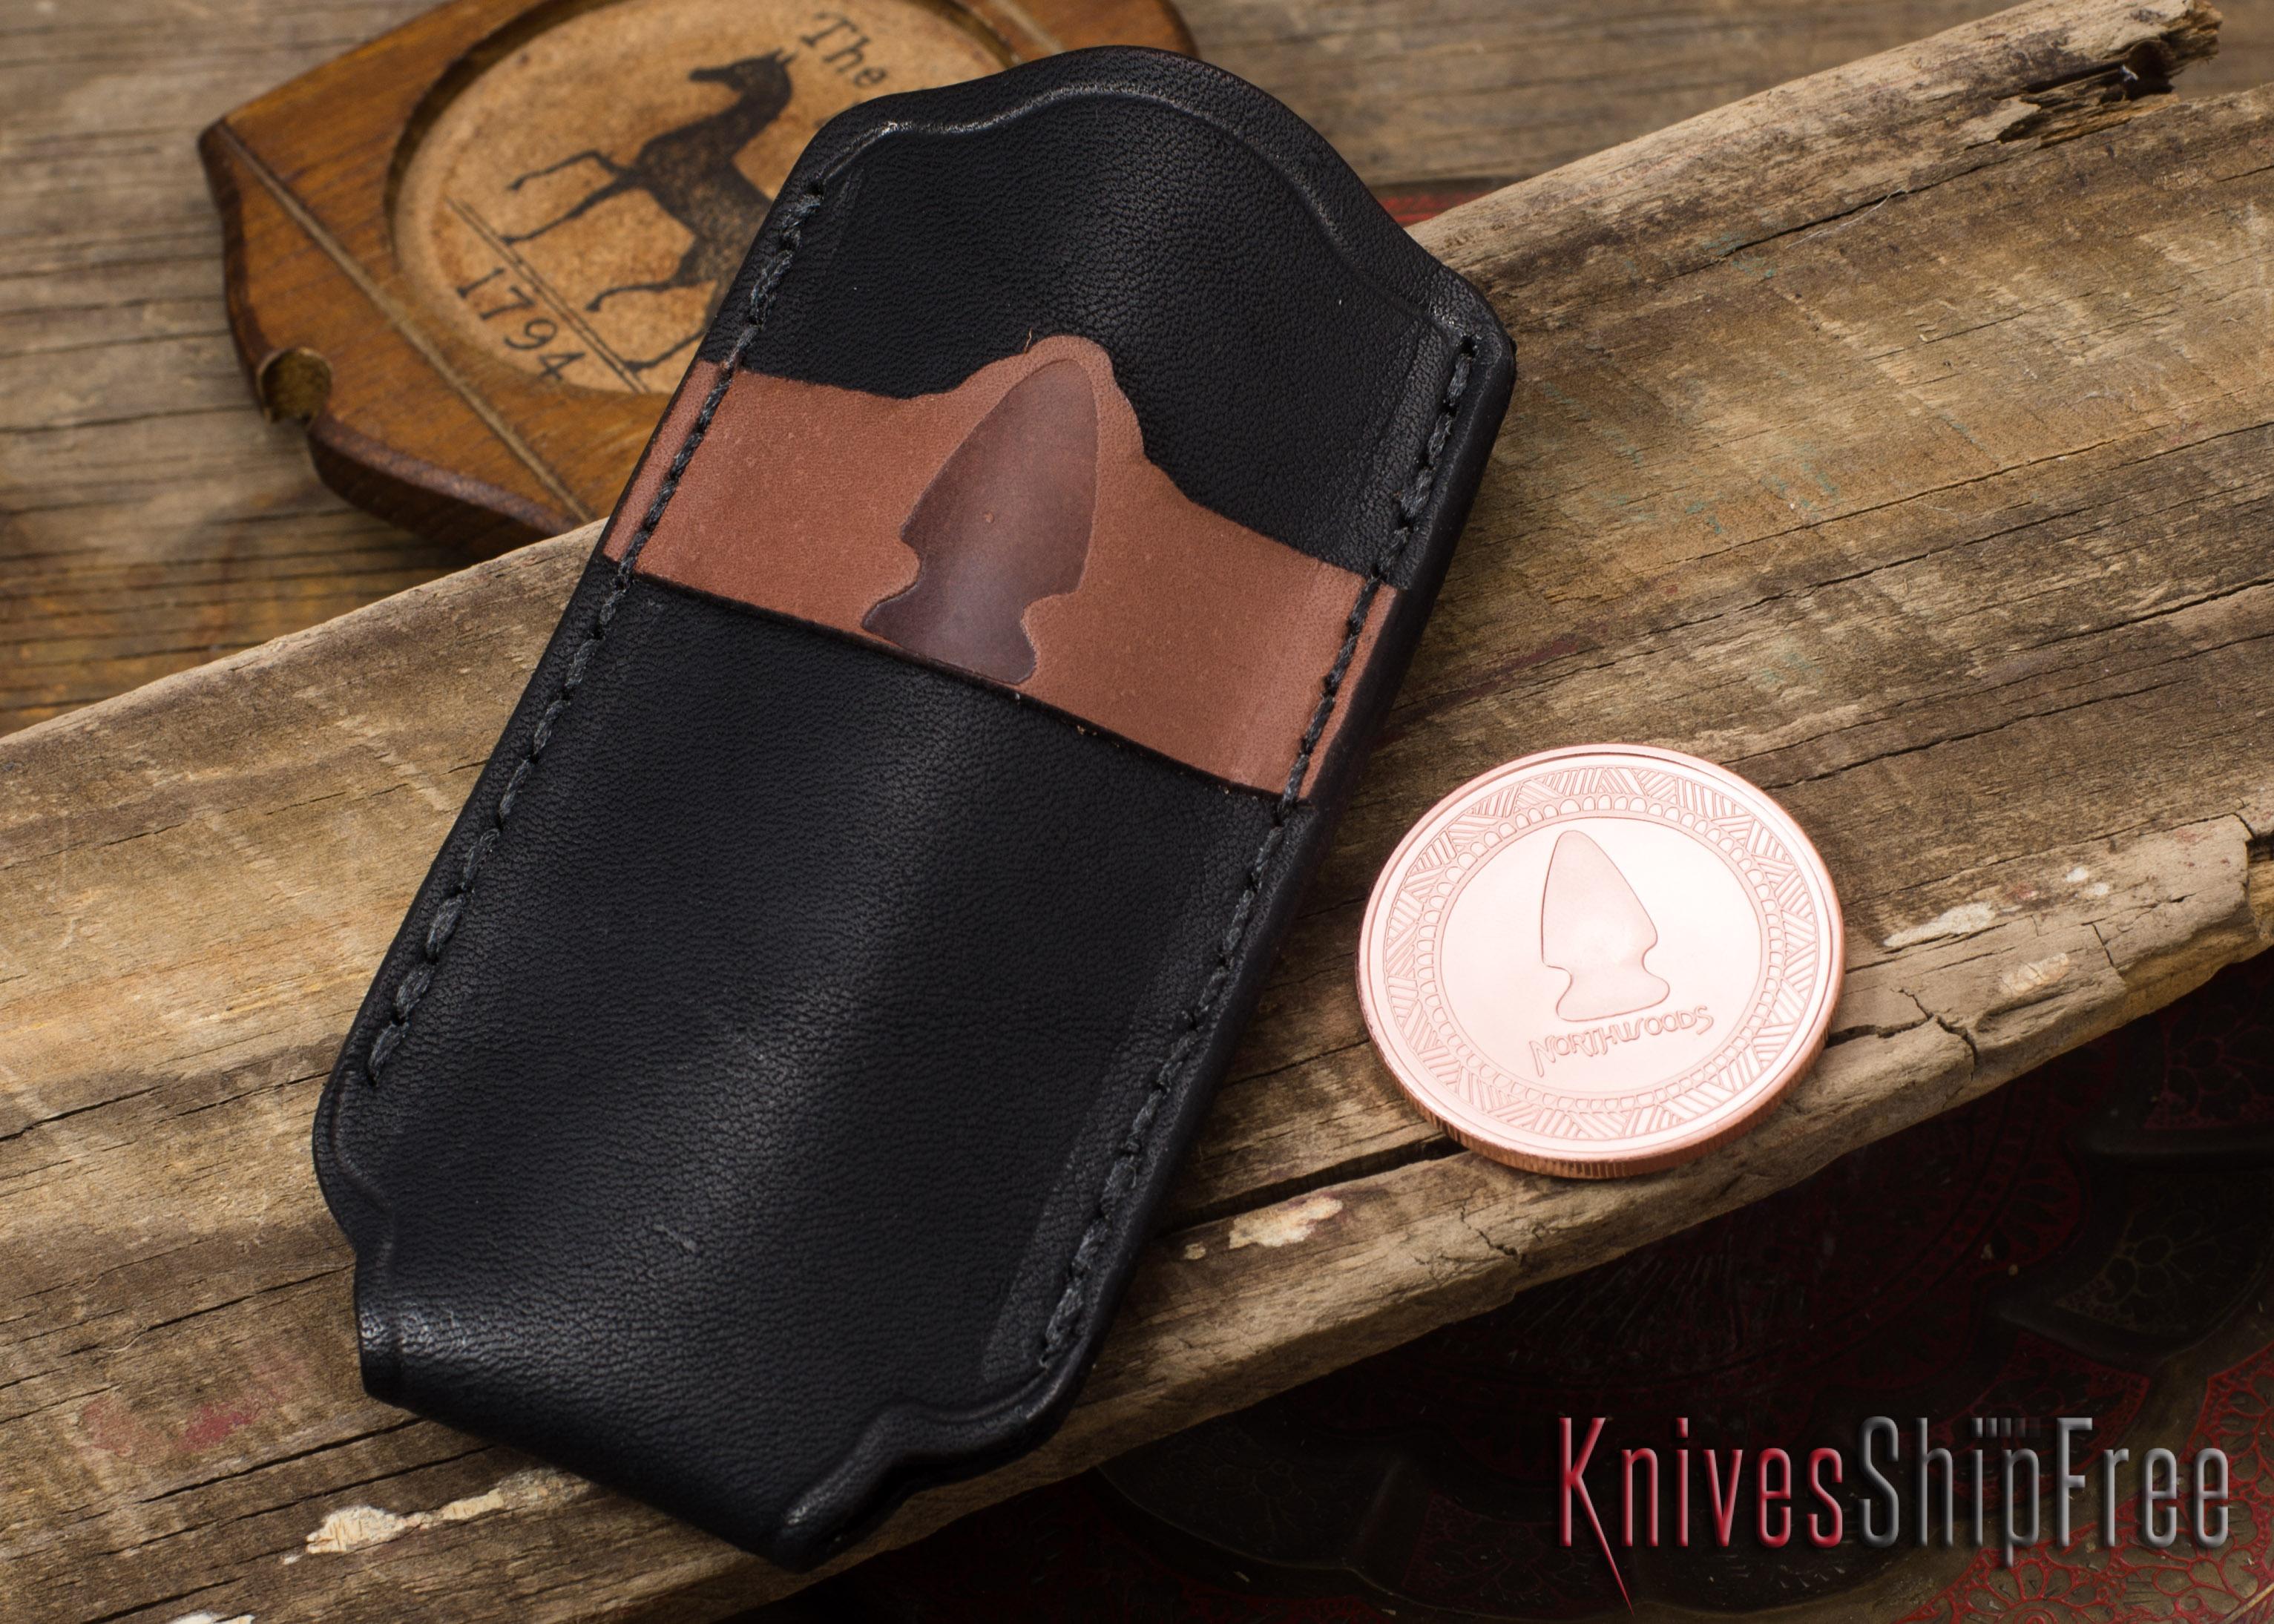 northwoods-knives-fremont-jack-accessories-1.jpg